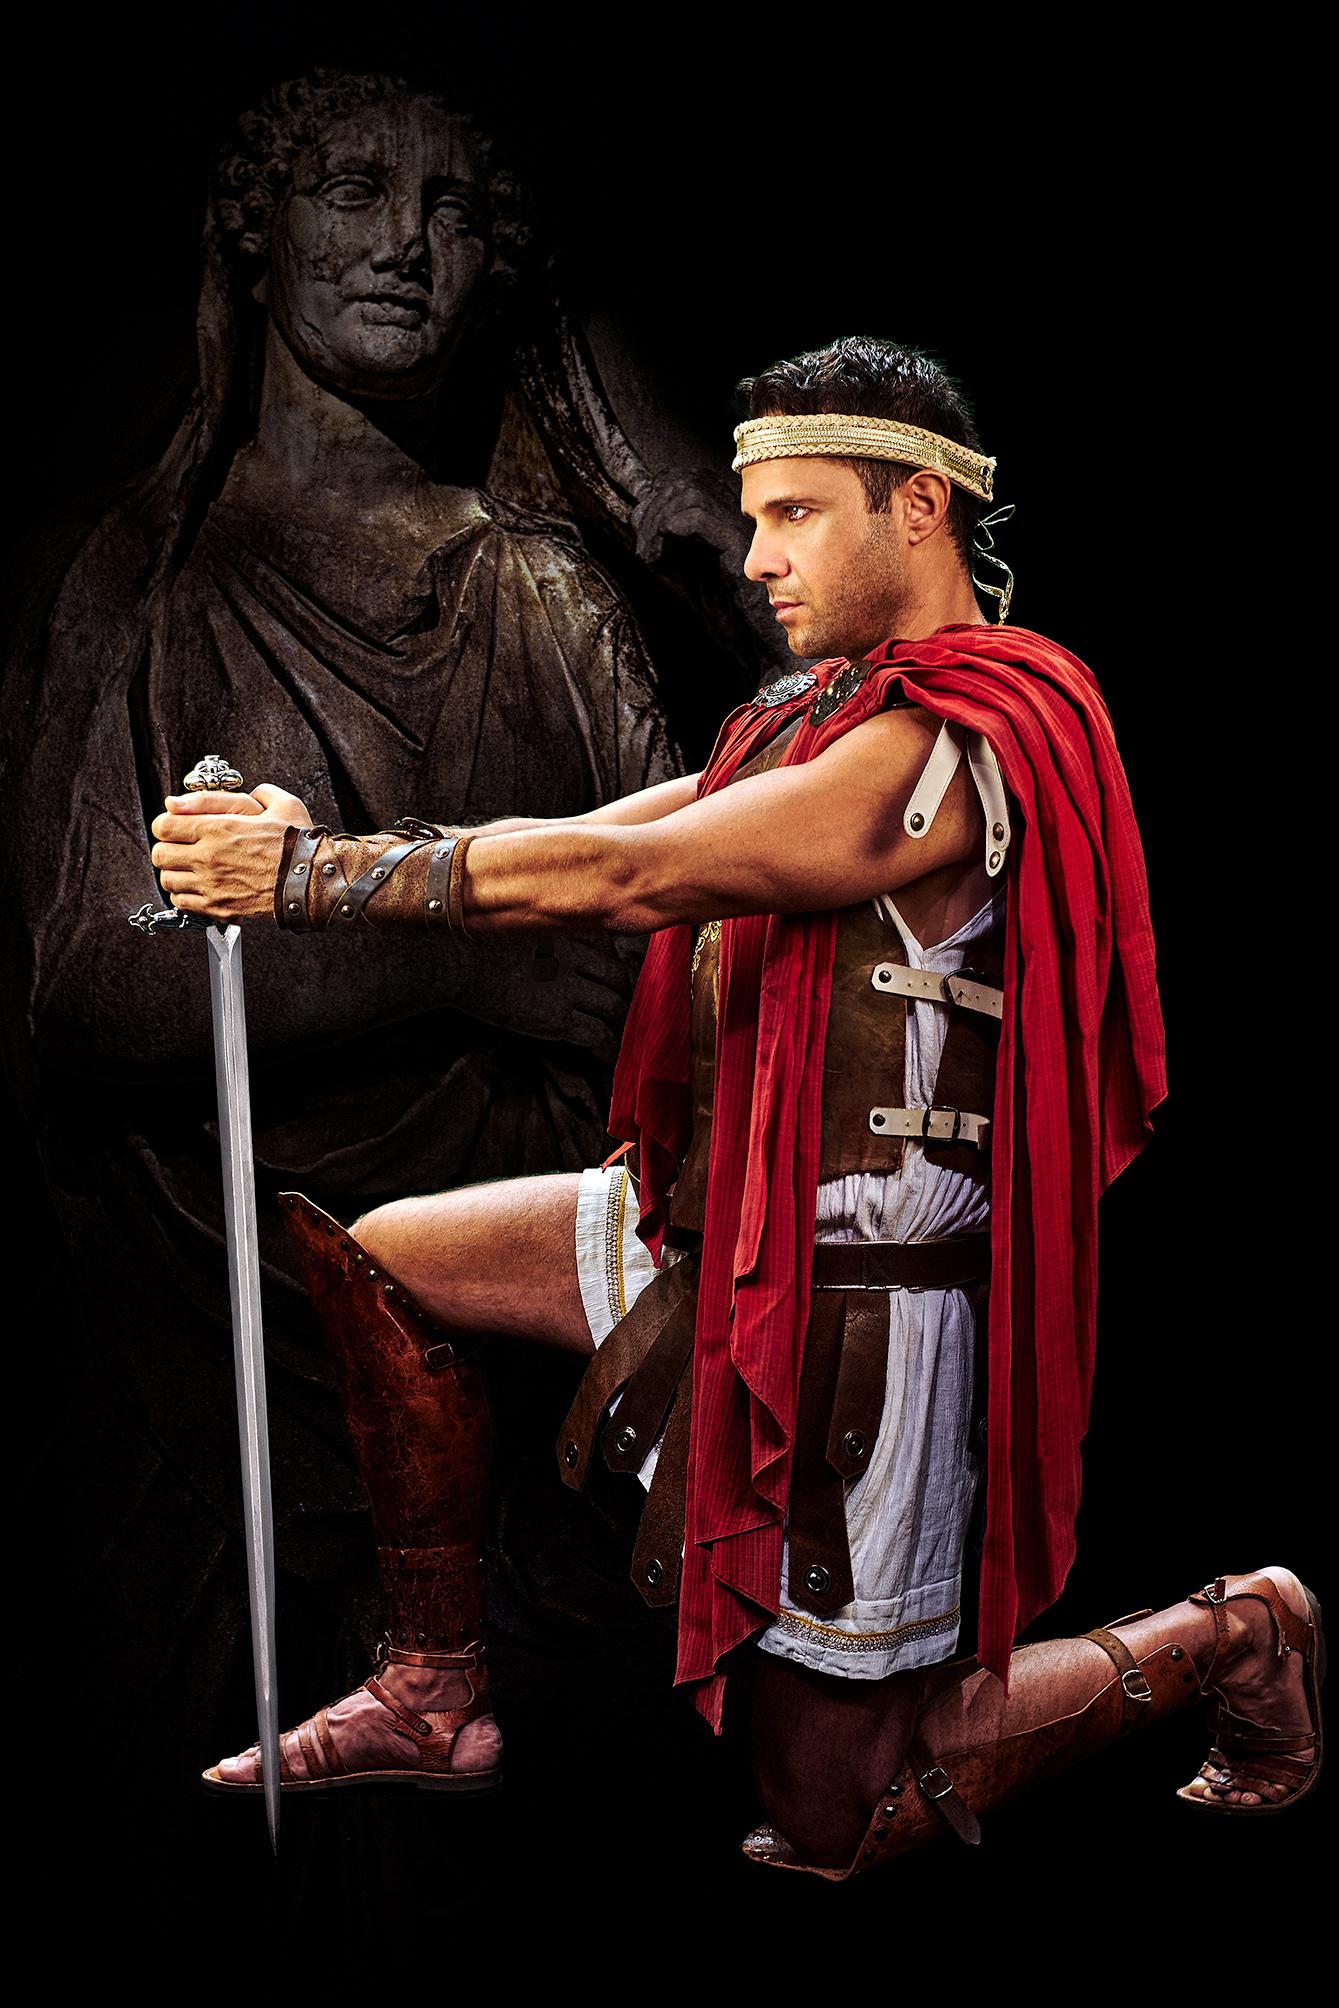 Μέγας Αλέξανδρος - θέατρο Ελληνικός Κόσμος